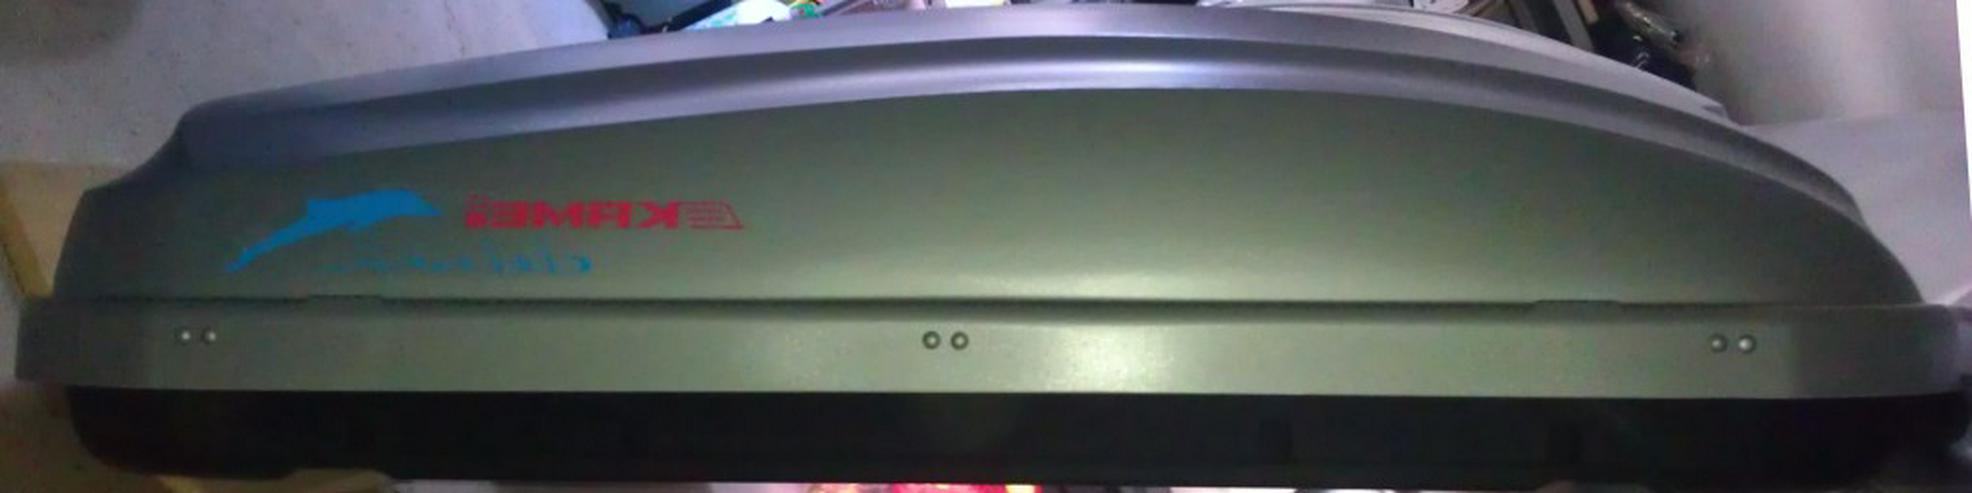 Verleihe Dachbox KAMEI Delphin 380 - 158x94x40 cm 3,50 EUR / Tag